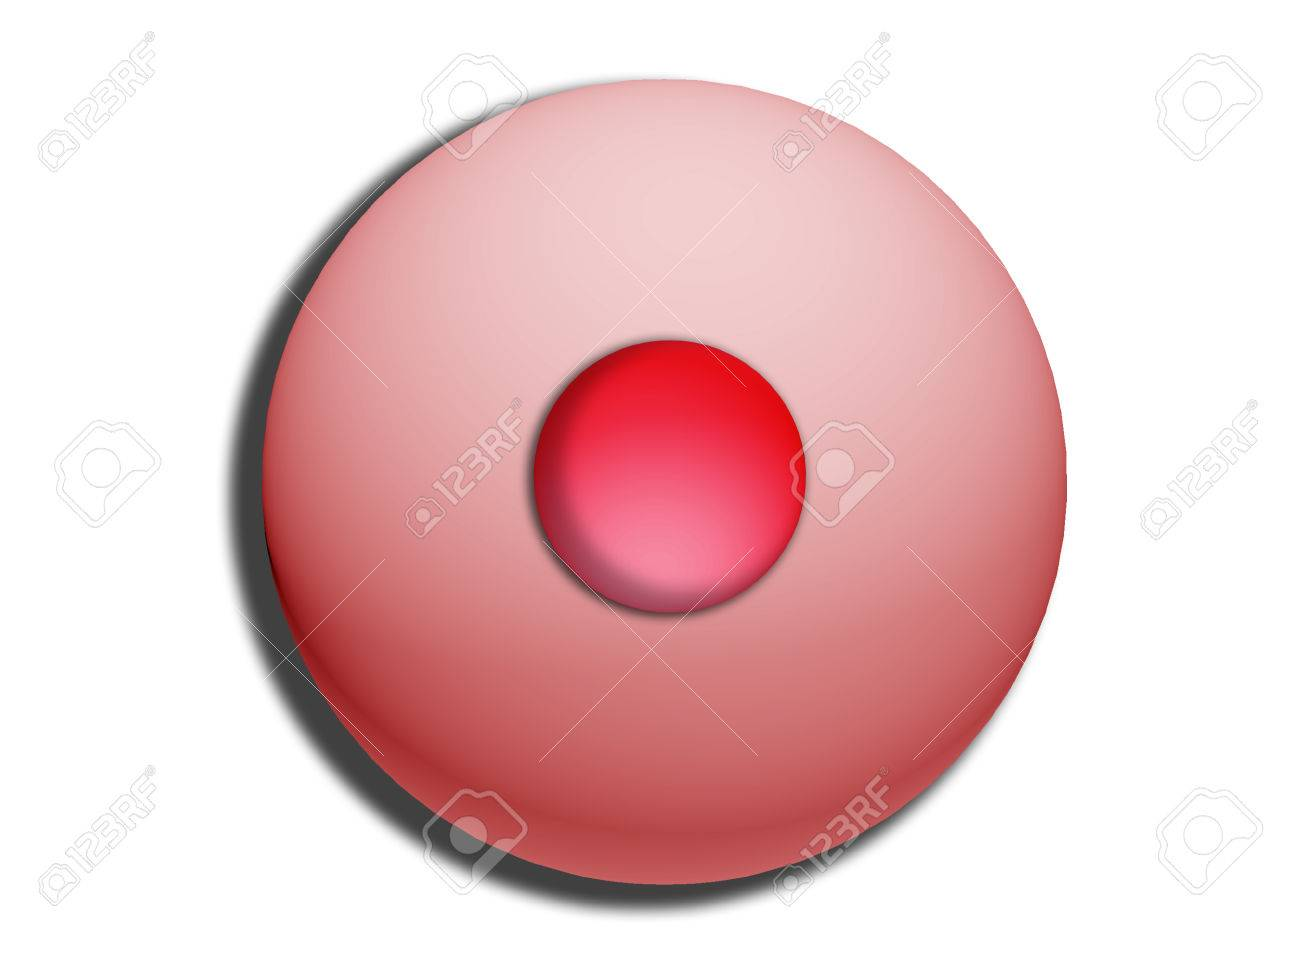 Pink circular sweet fruit bonbon temtation isolated on white Stock Photo - 28885645